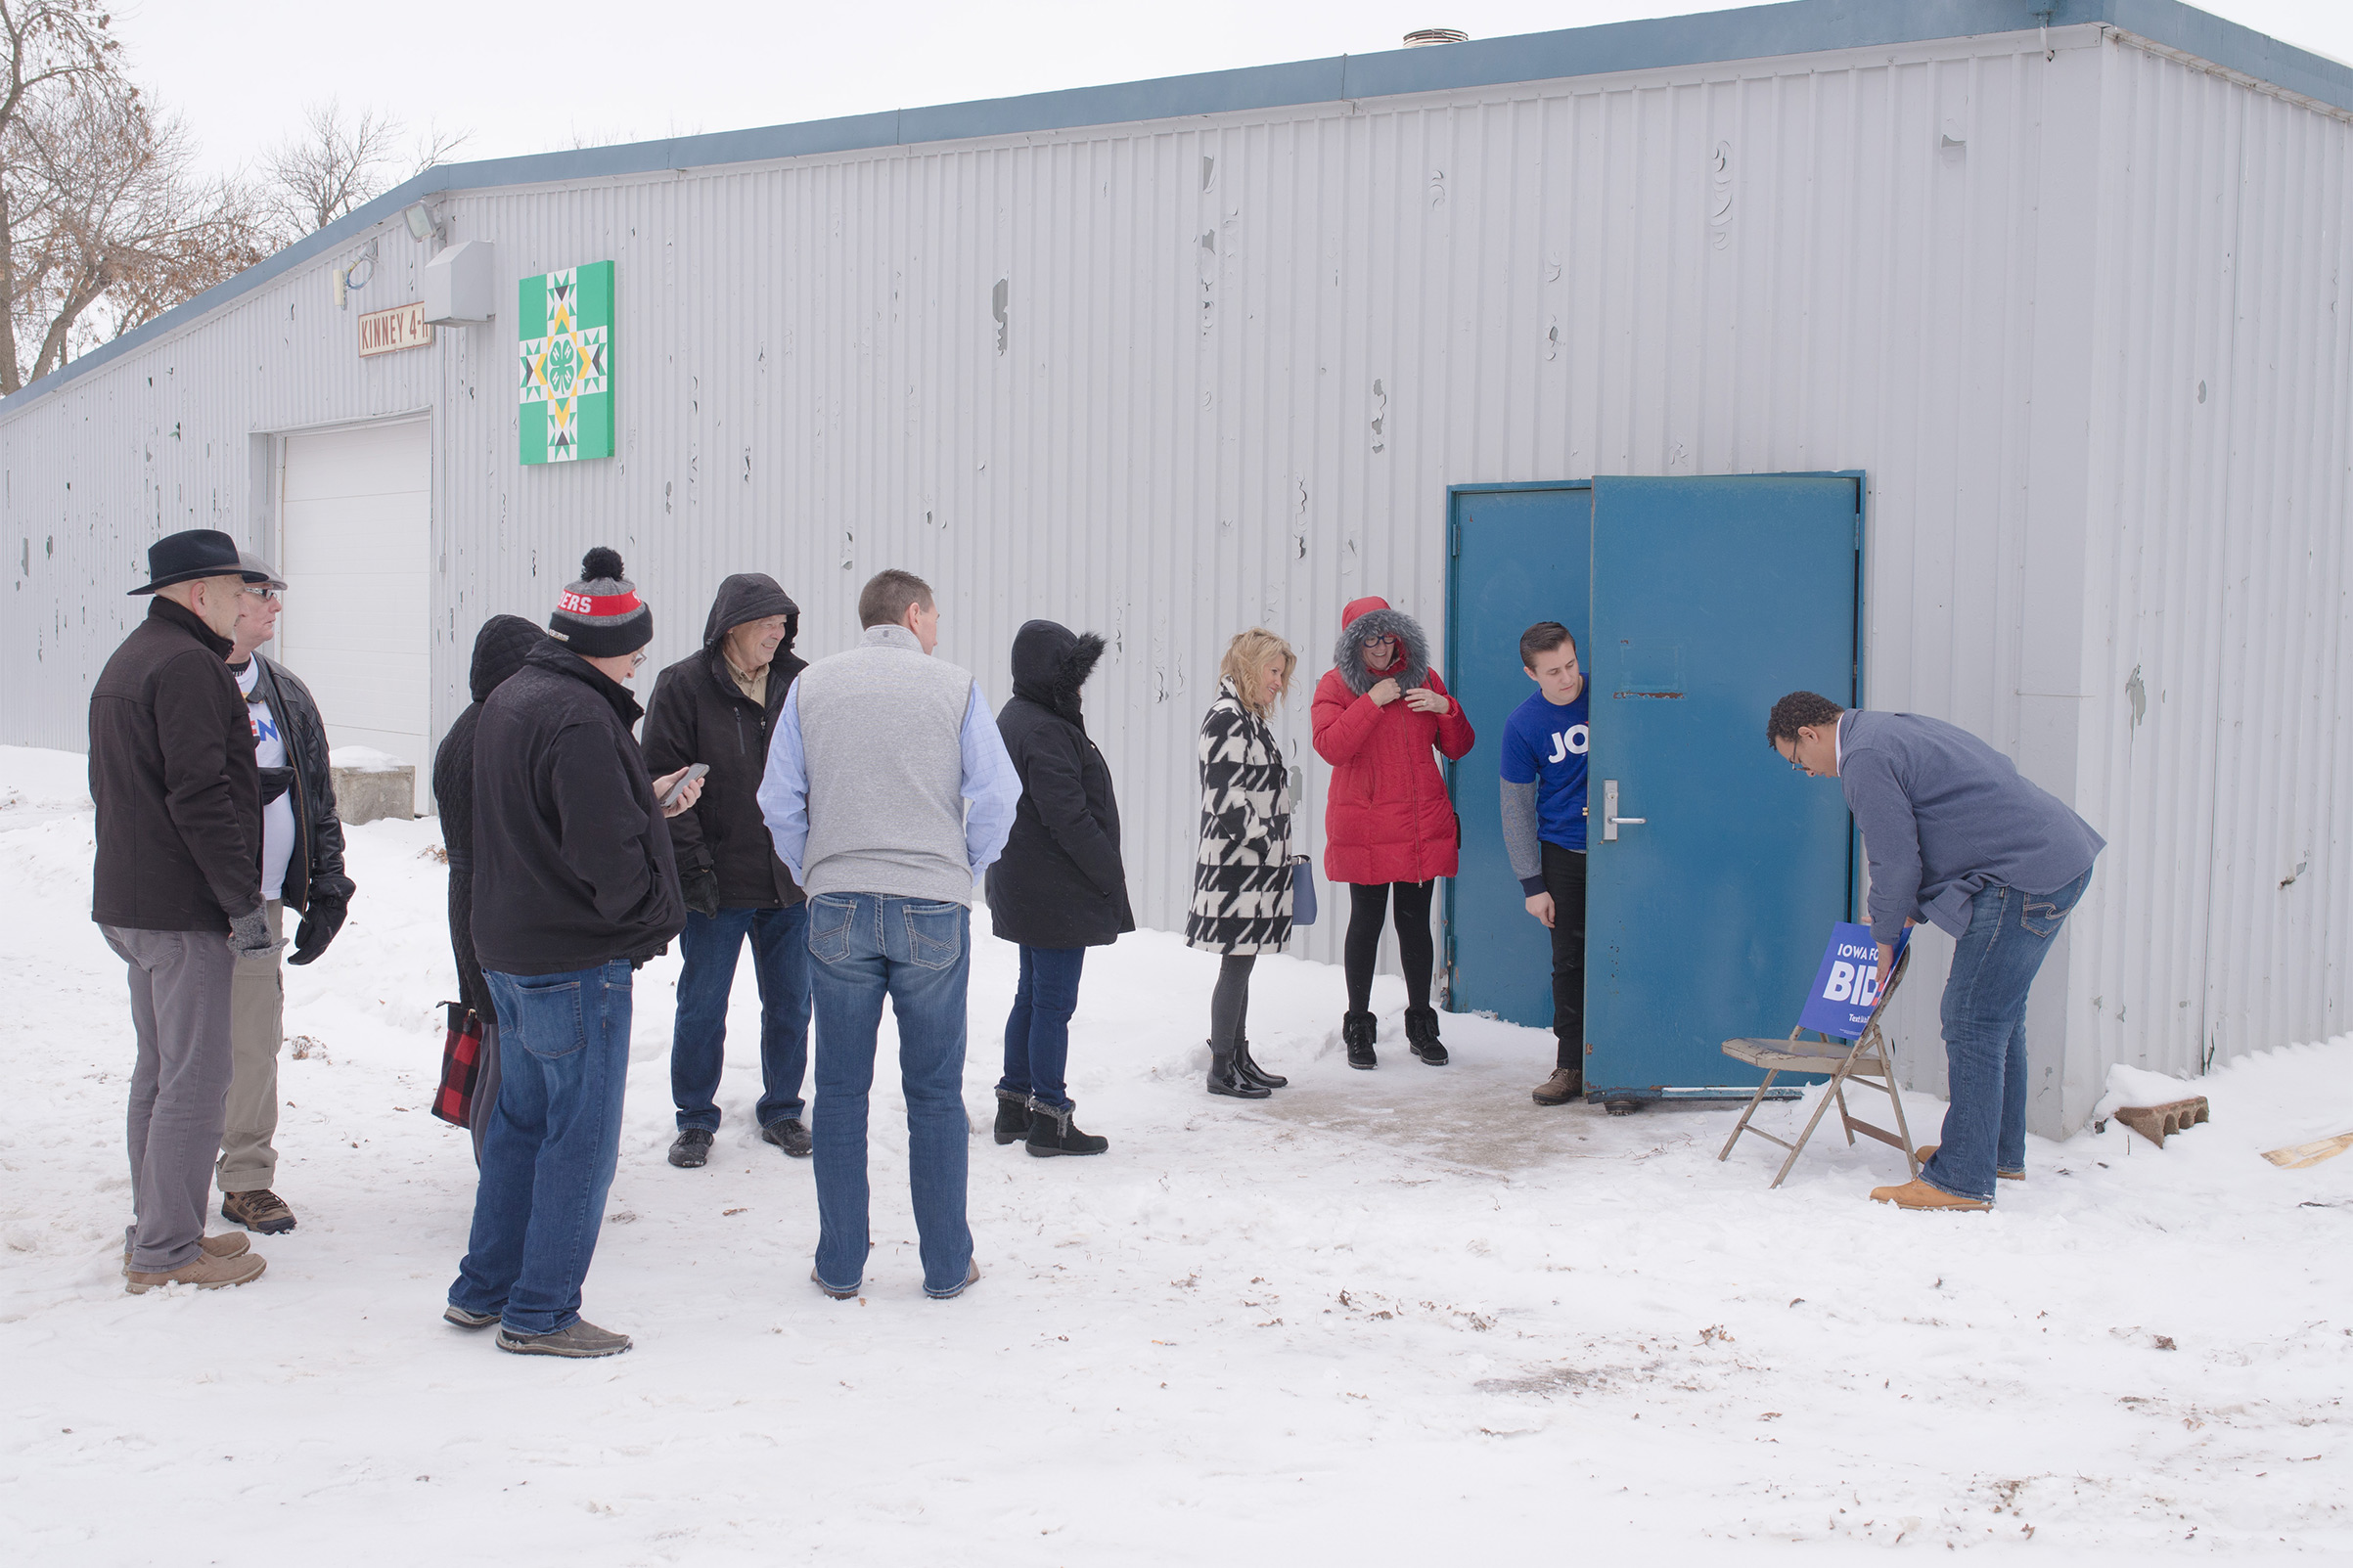 Supporters line up outside of a Joe Biden community event in Mason City, Iowa, Jan. 22, 2020.